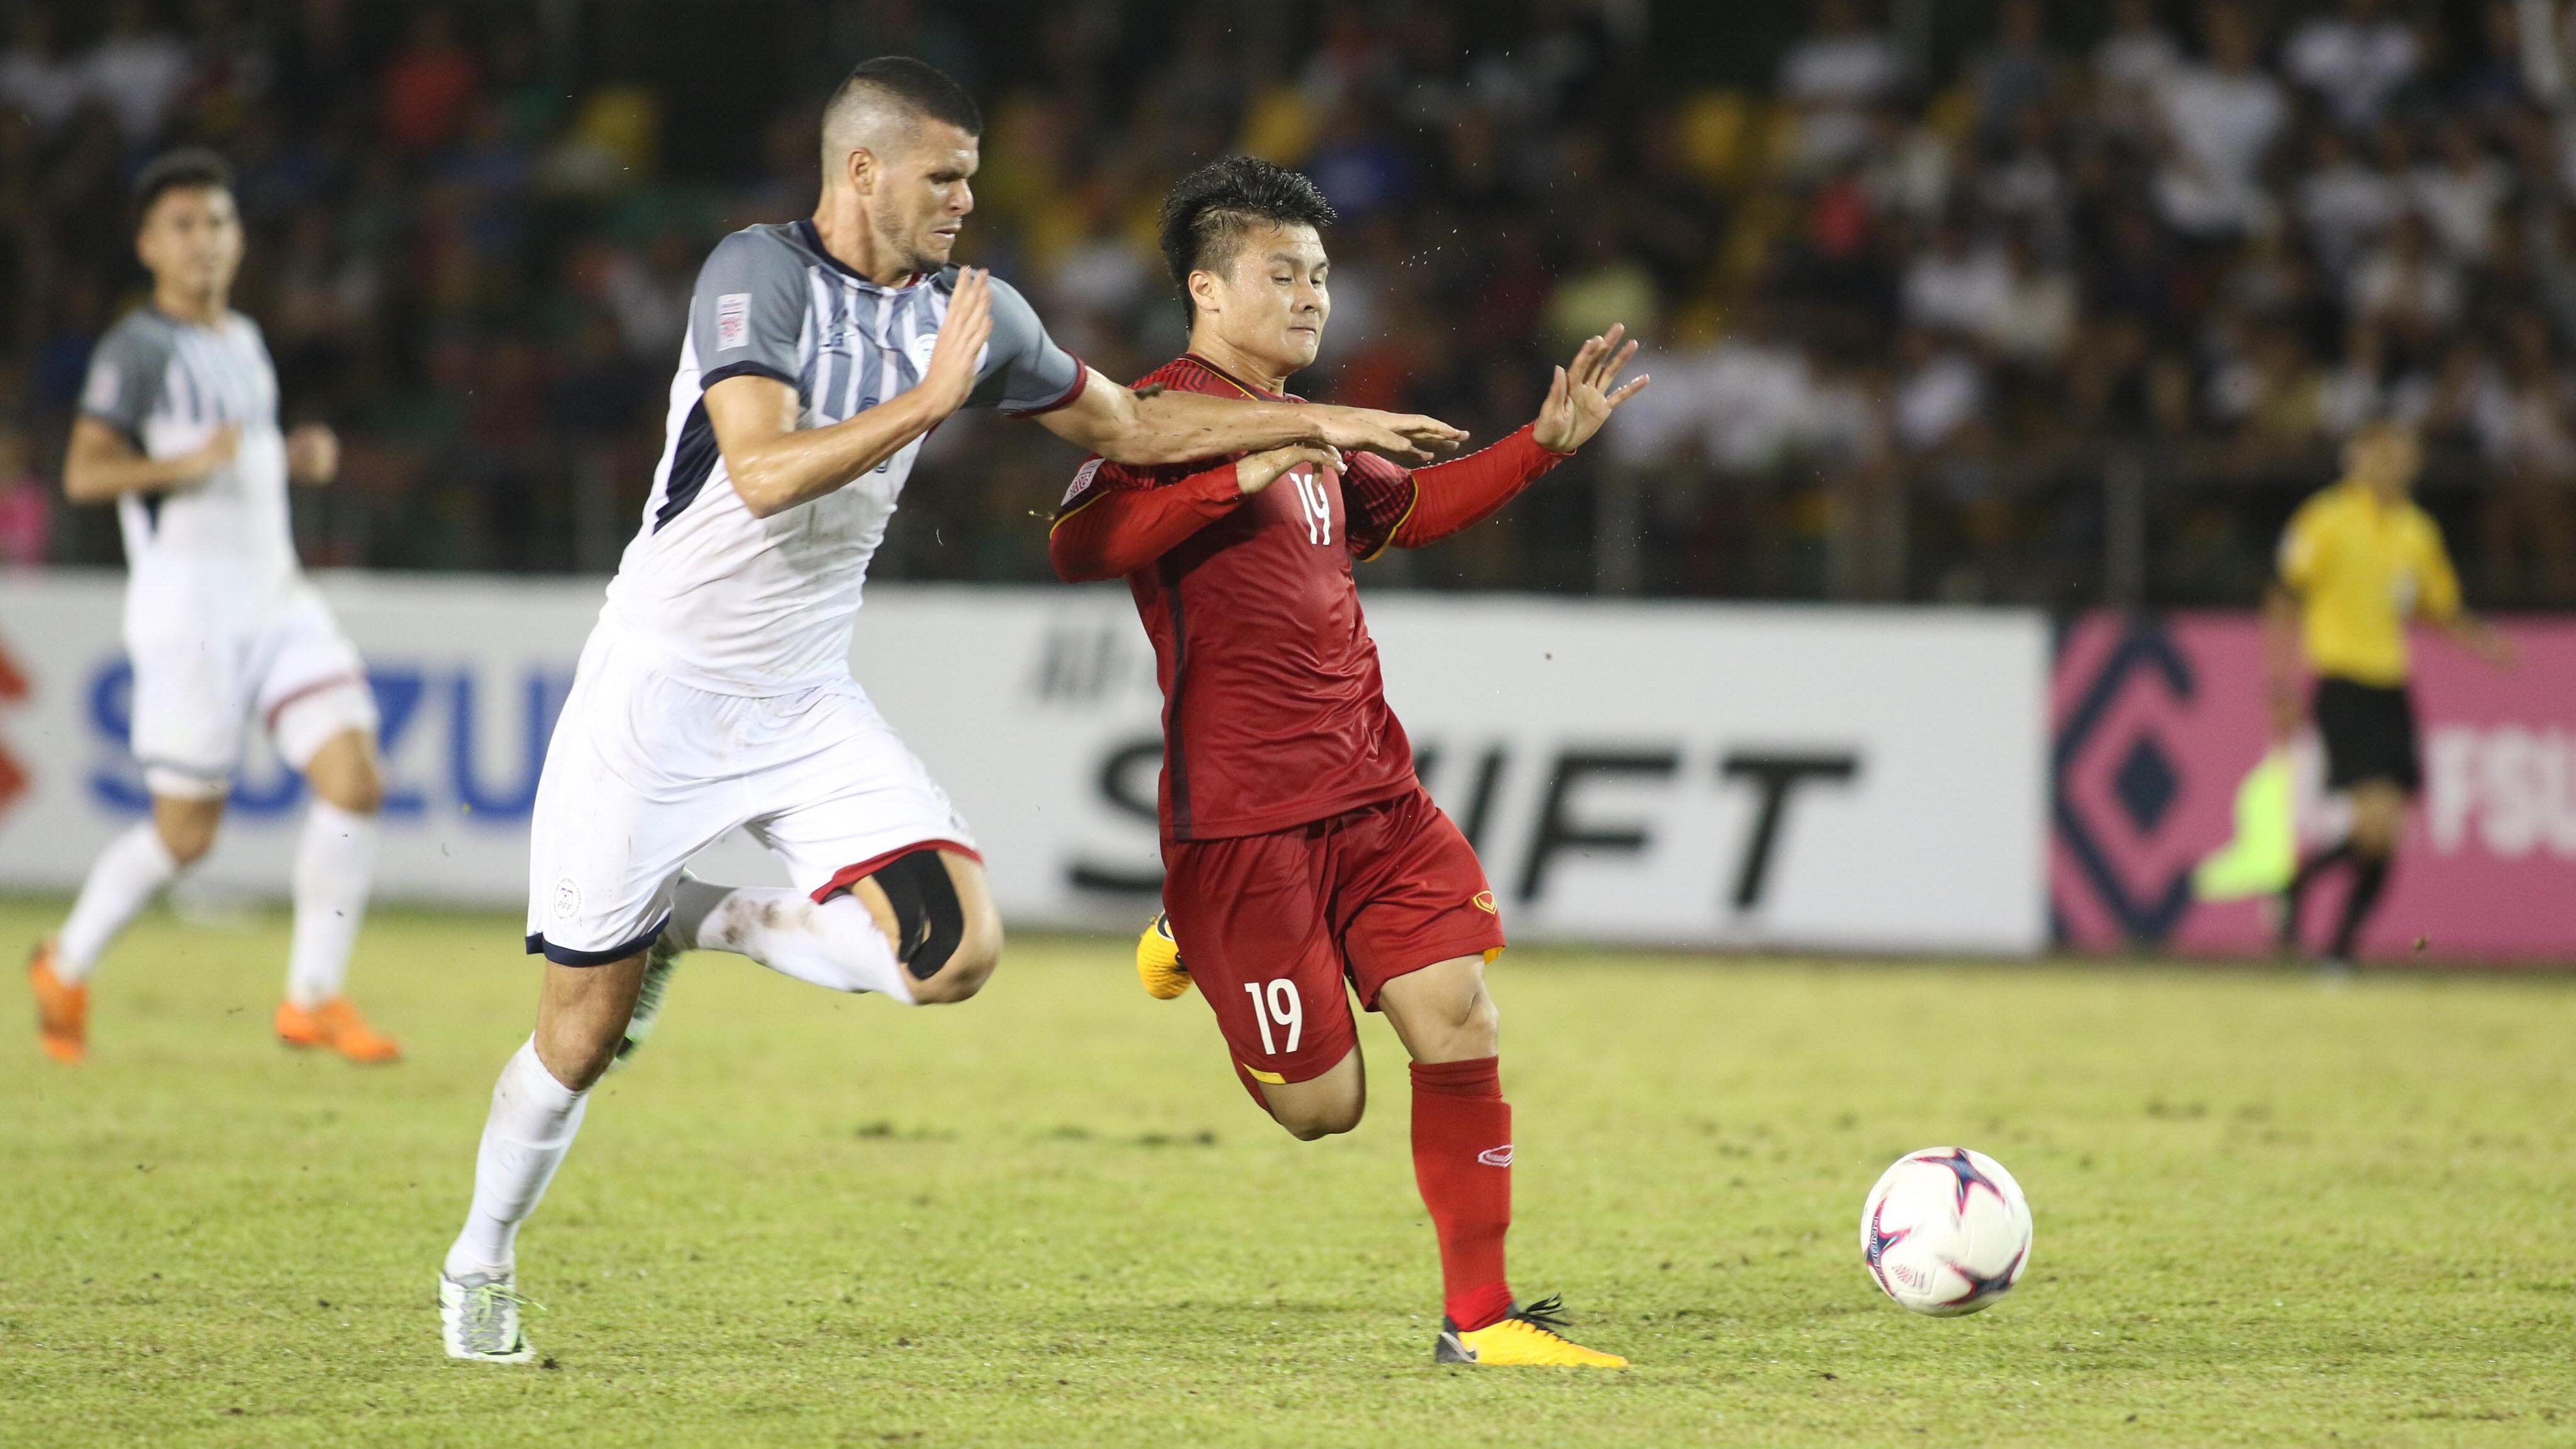 Quang Hải Philippines vs Việt Nam AFF Suzuki Cup 2018 (3)